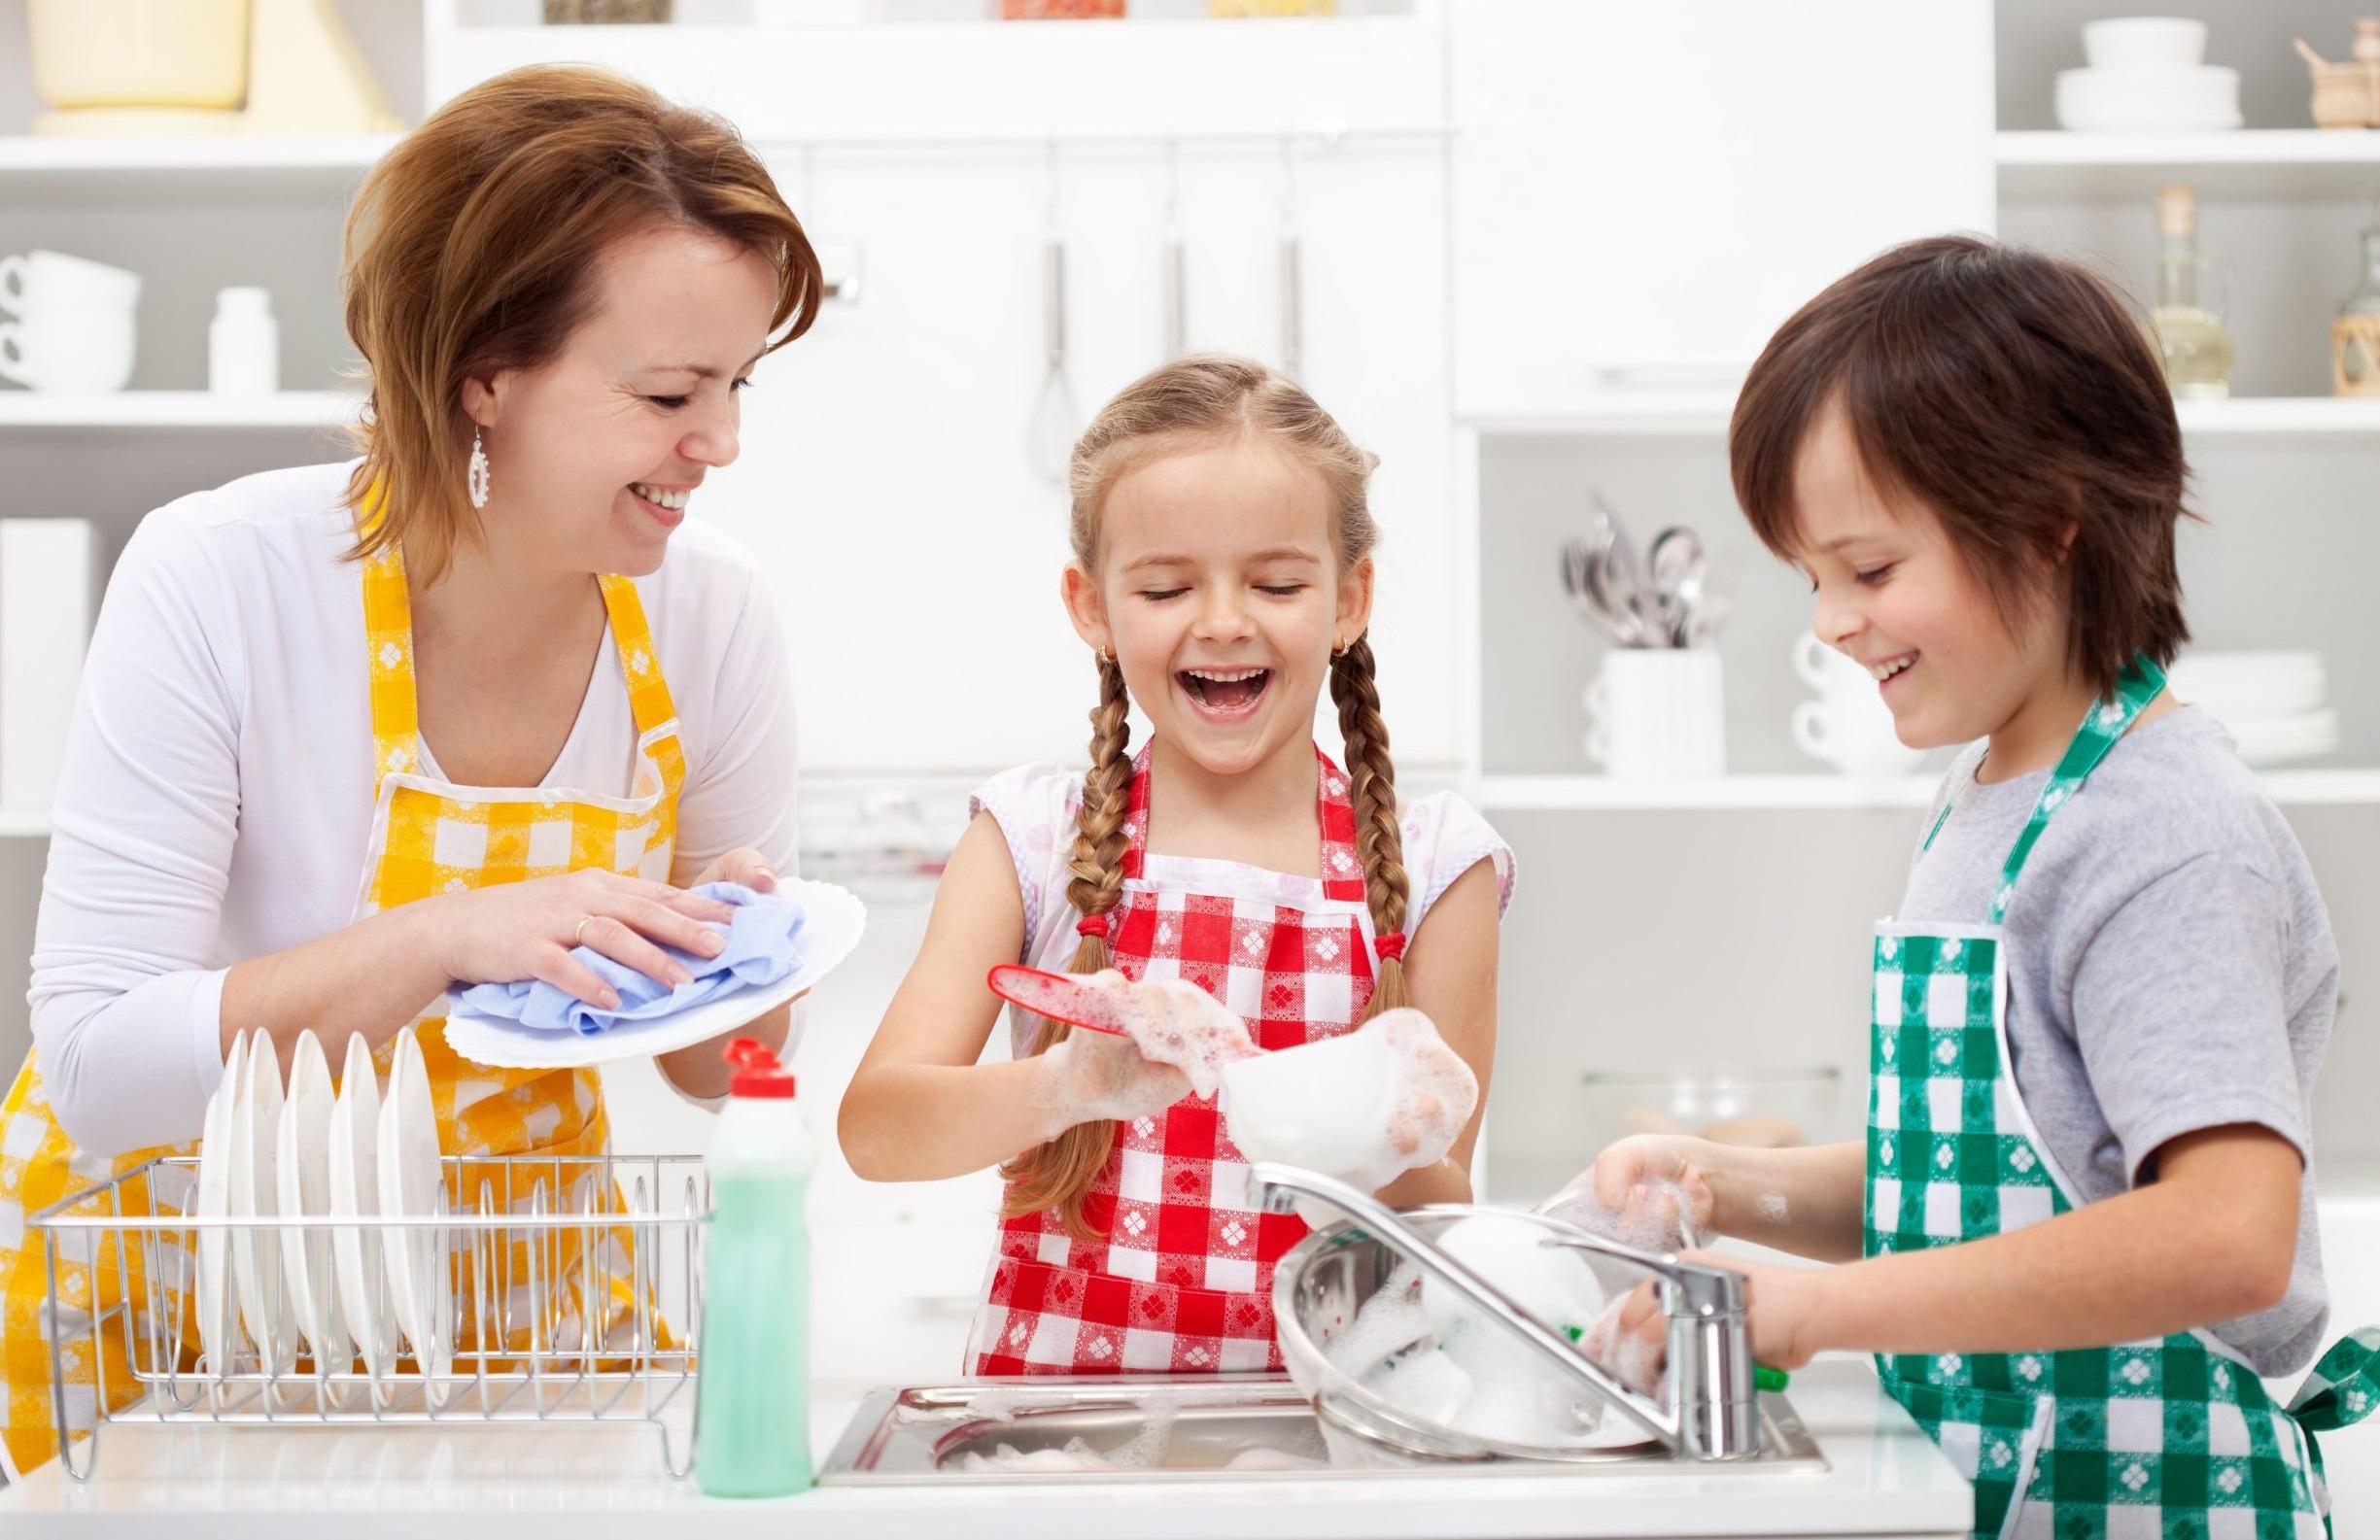 Должны ли дети помогать родителям?